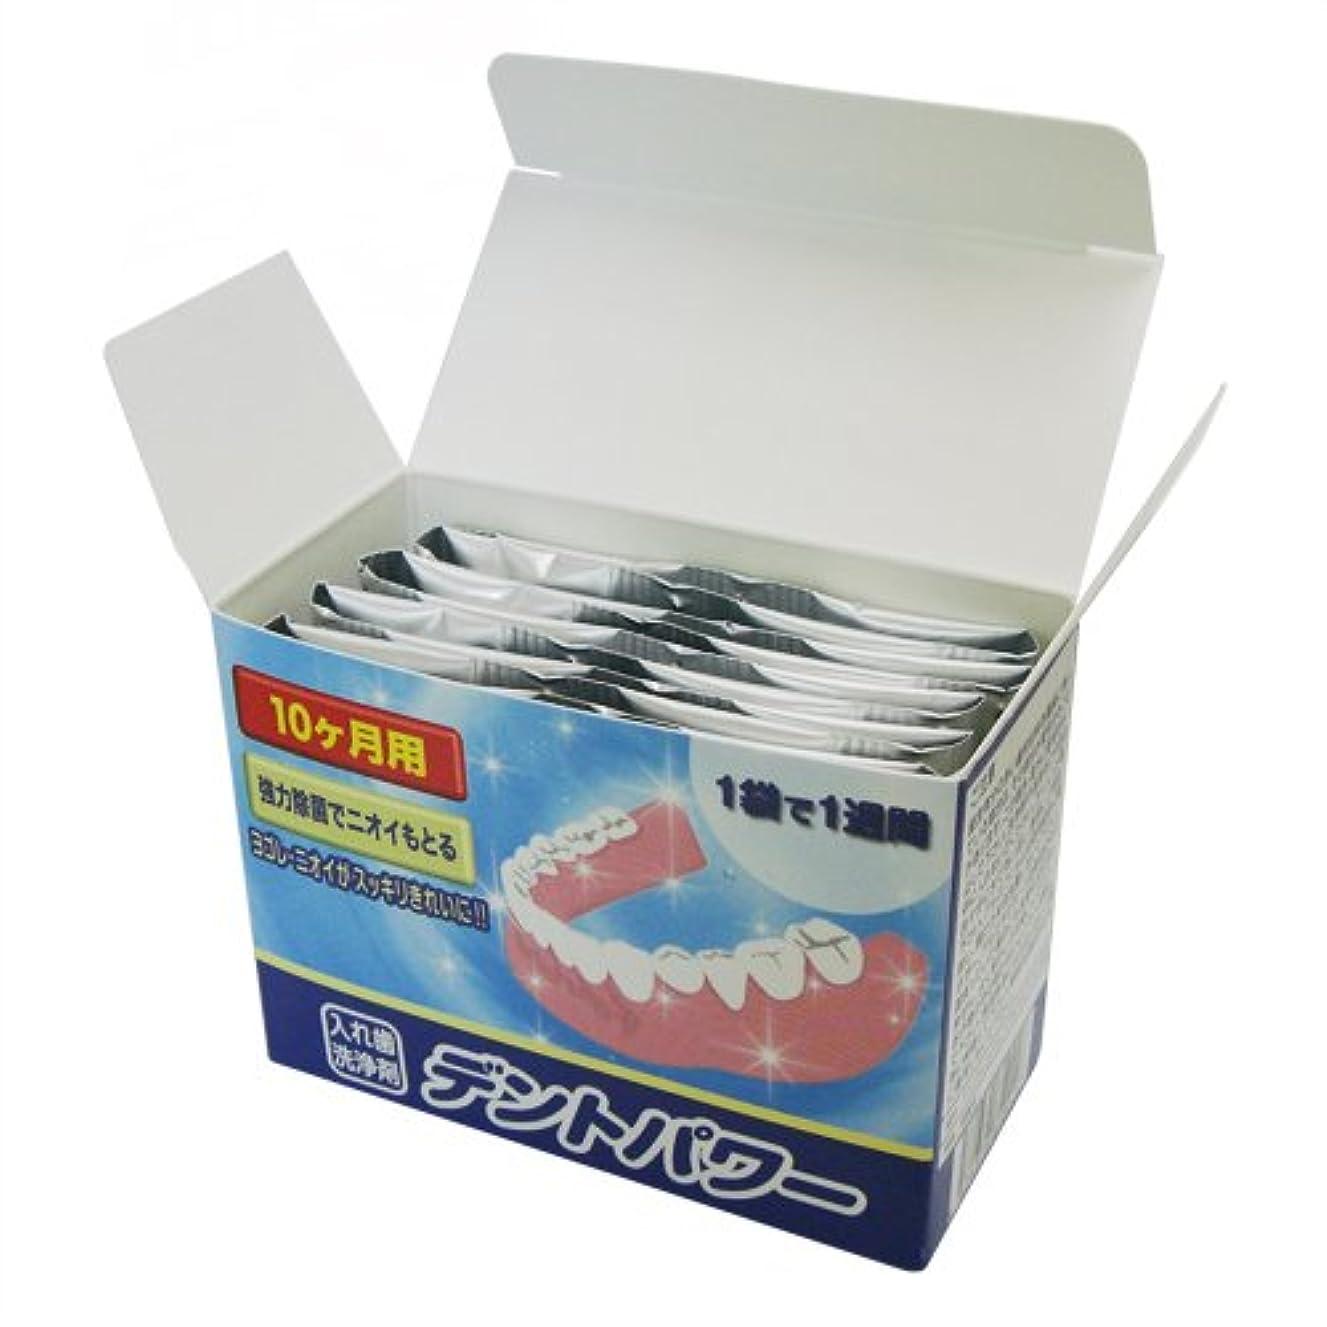 性的せがむ彫刻家デントパワー 入れ歯洗浄剤 10ヵ月用(専用ケース無し)